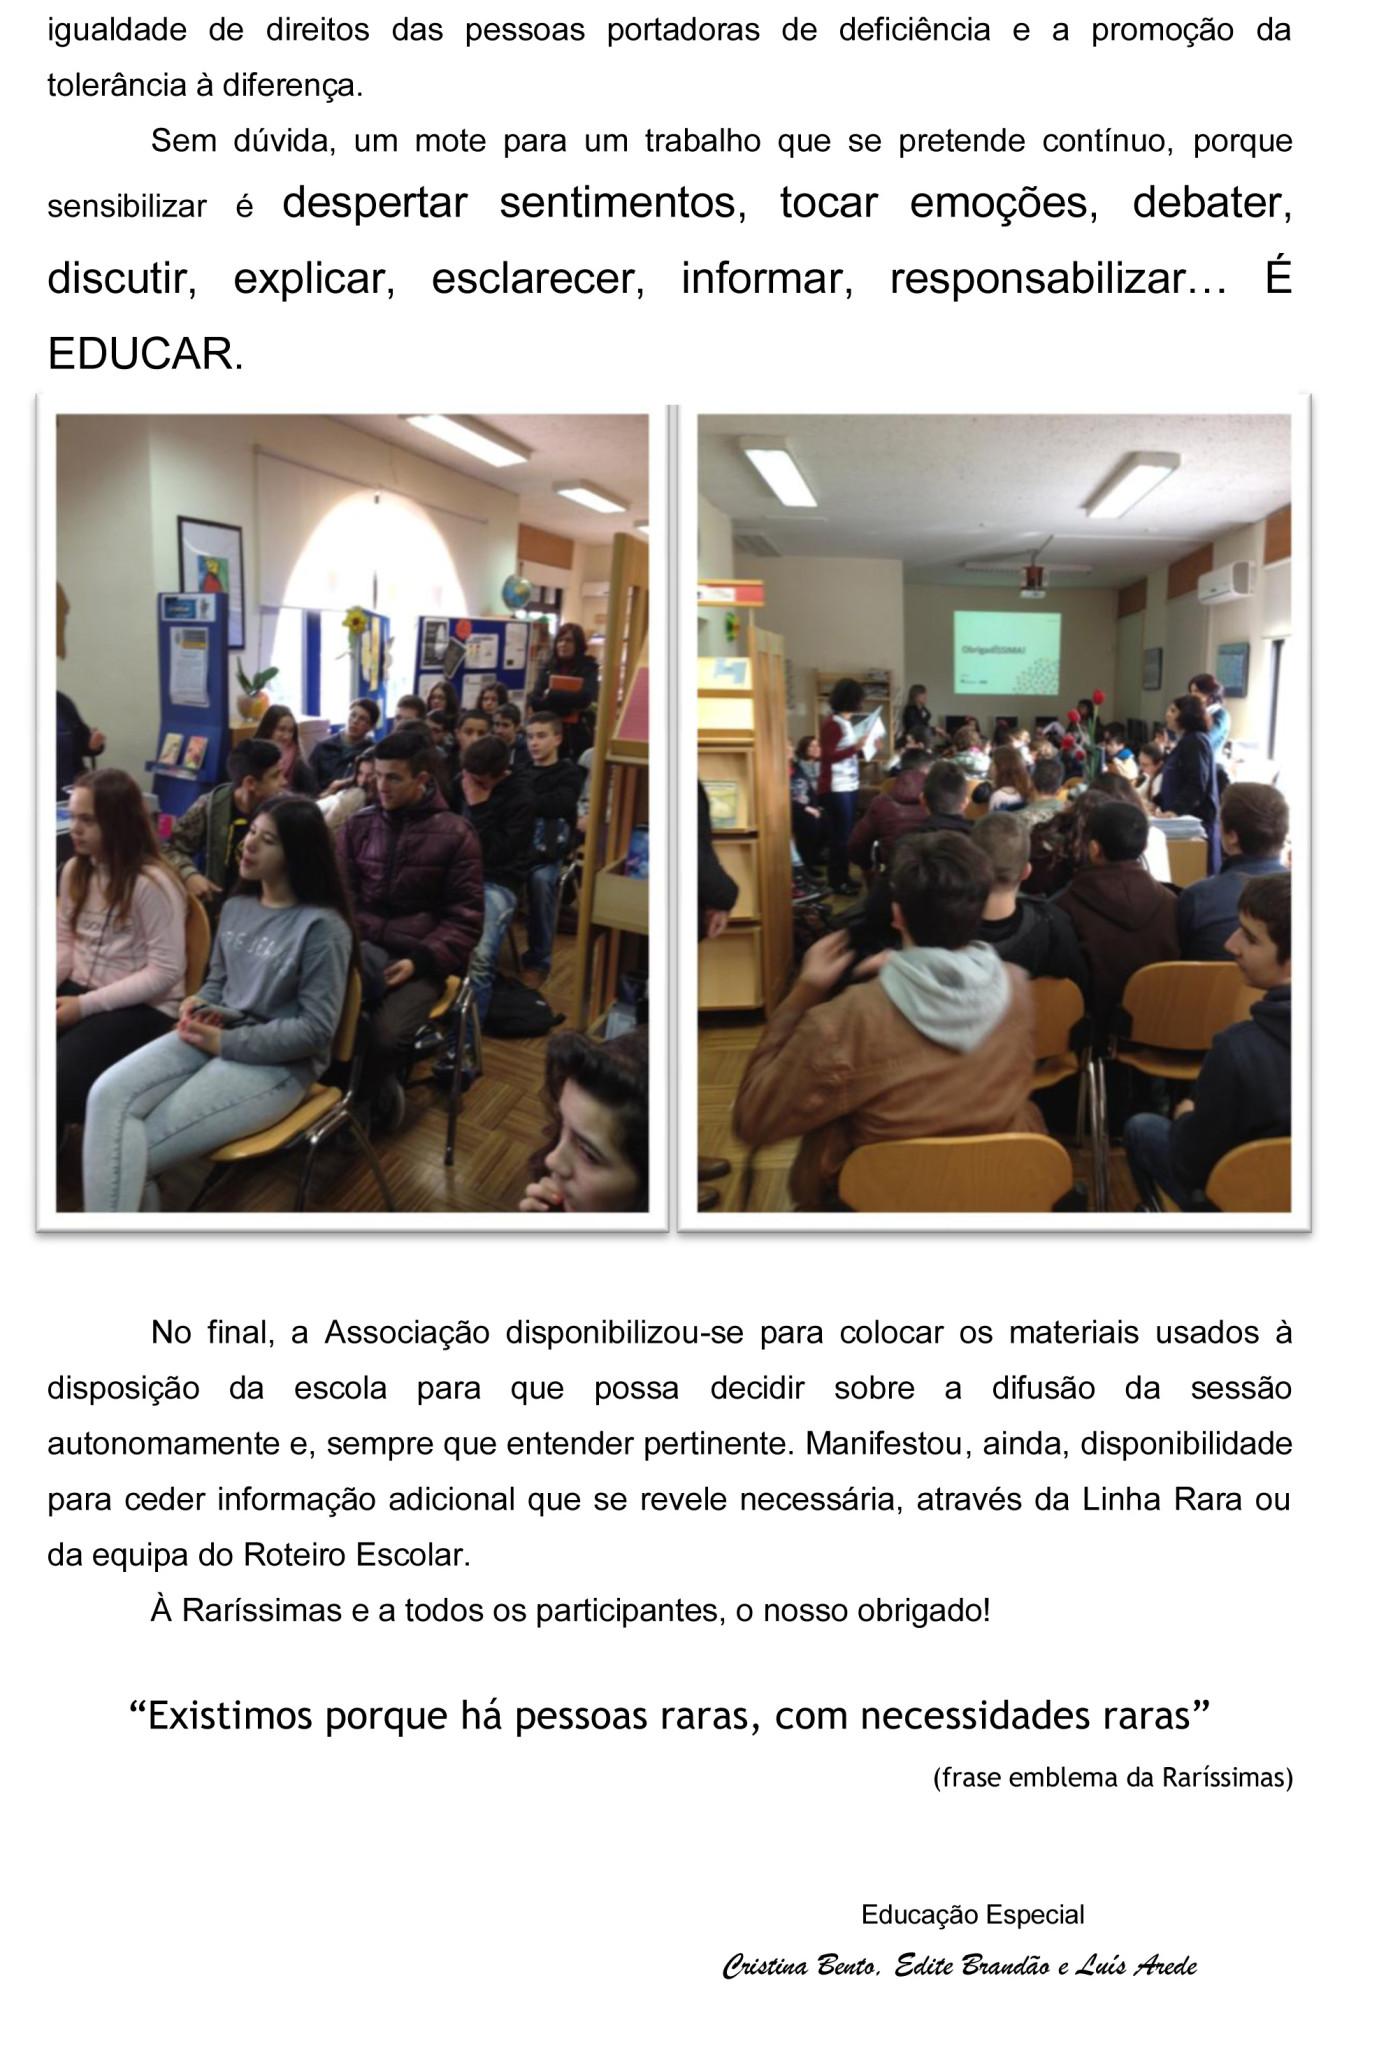 Notícia Raríssimas - 03 de março 2015-3